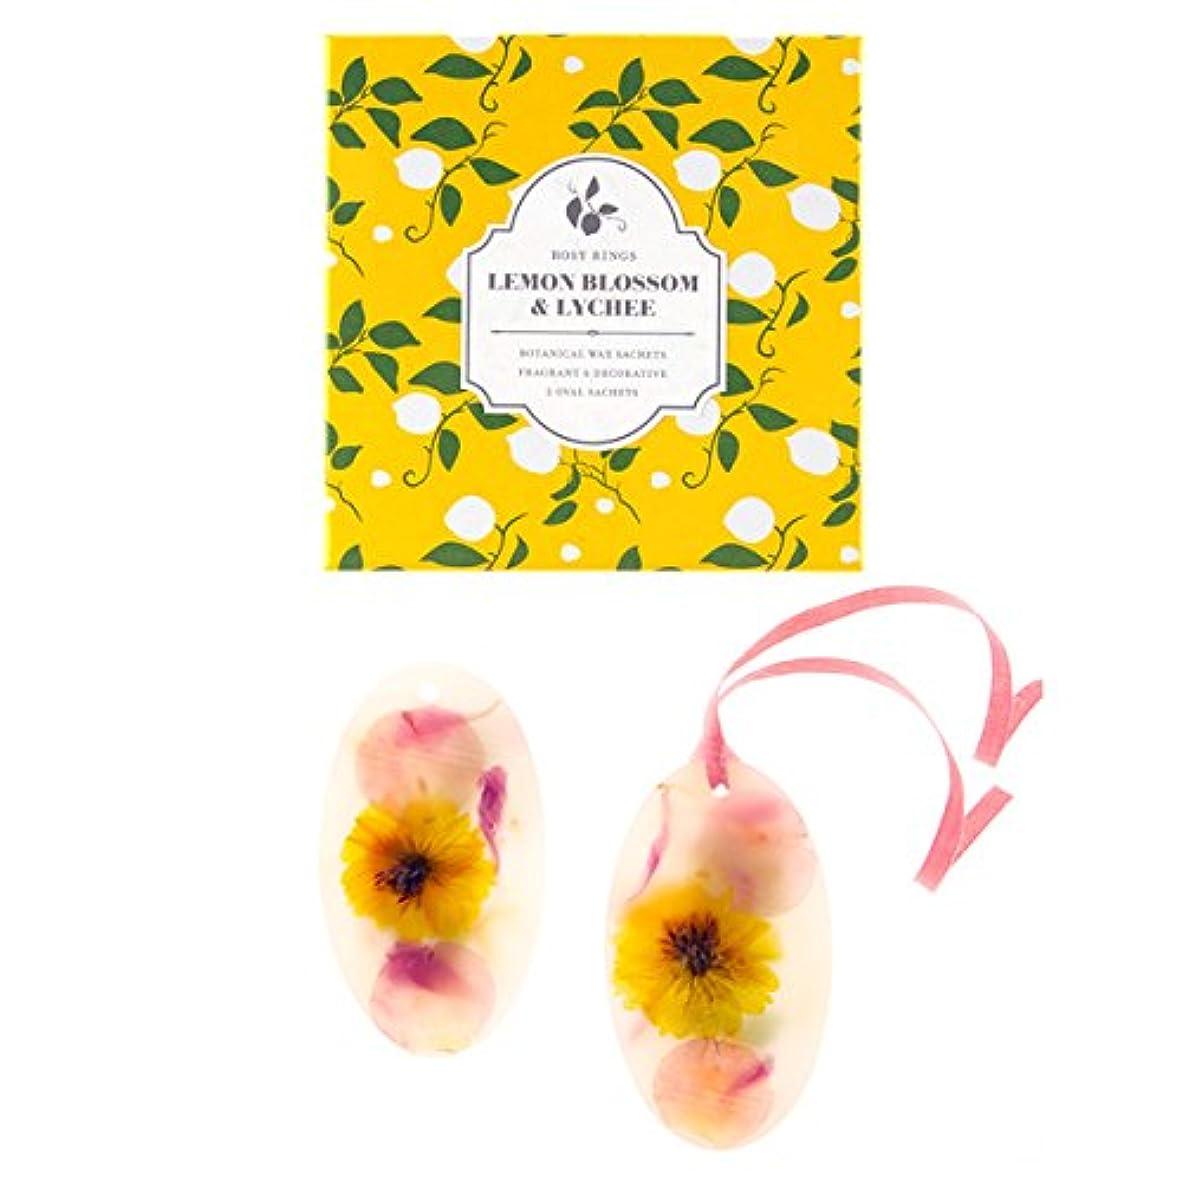 古代ひもシソーラスロージーリングス ボタニカルワックスサシェ オーバル レモンブロッサム&ライチ ROSY RINGS Signature Collection Botanical Wax Sachets – Lemon Blossom...